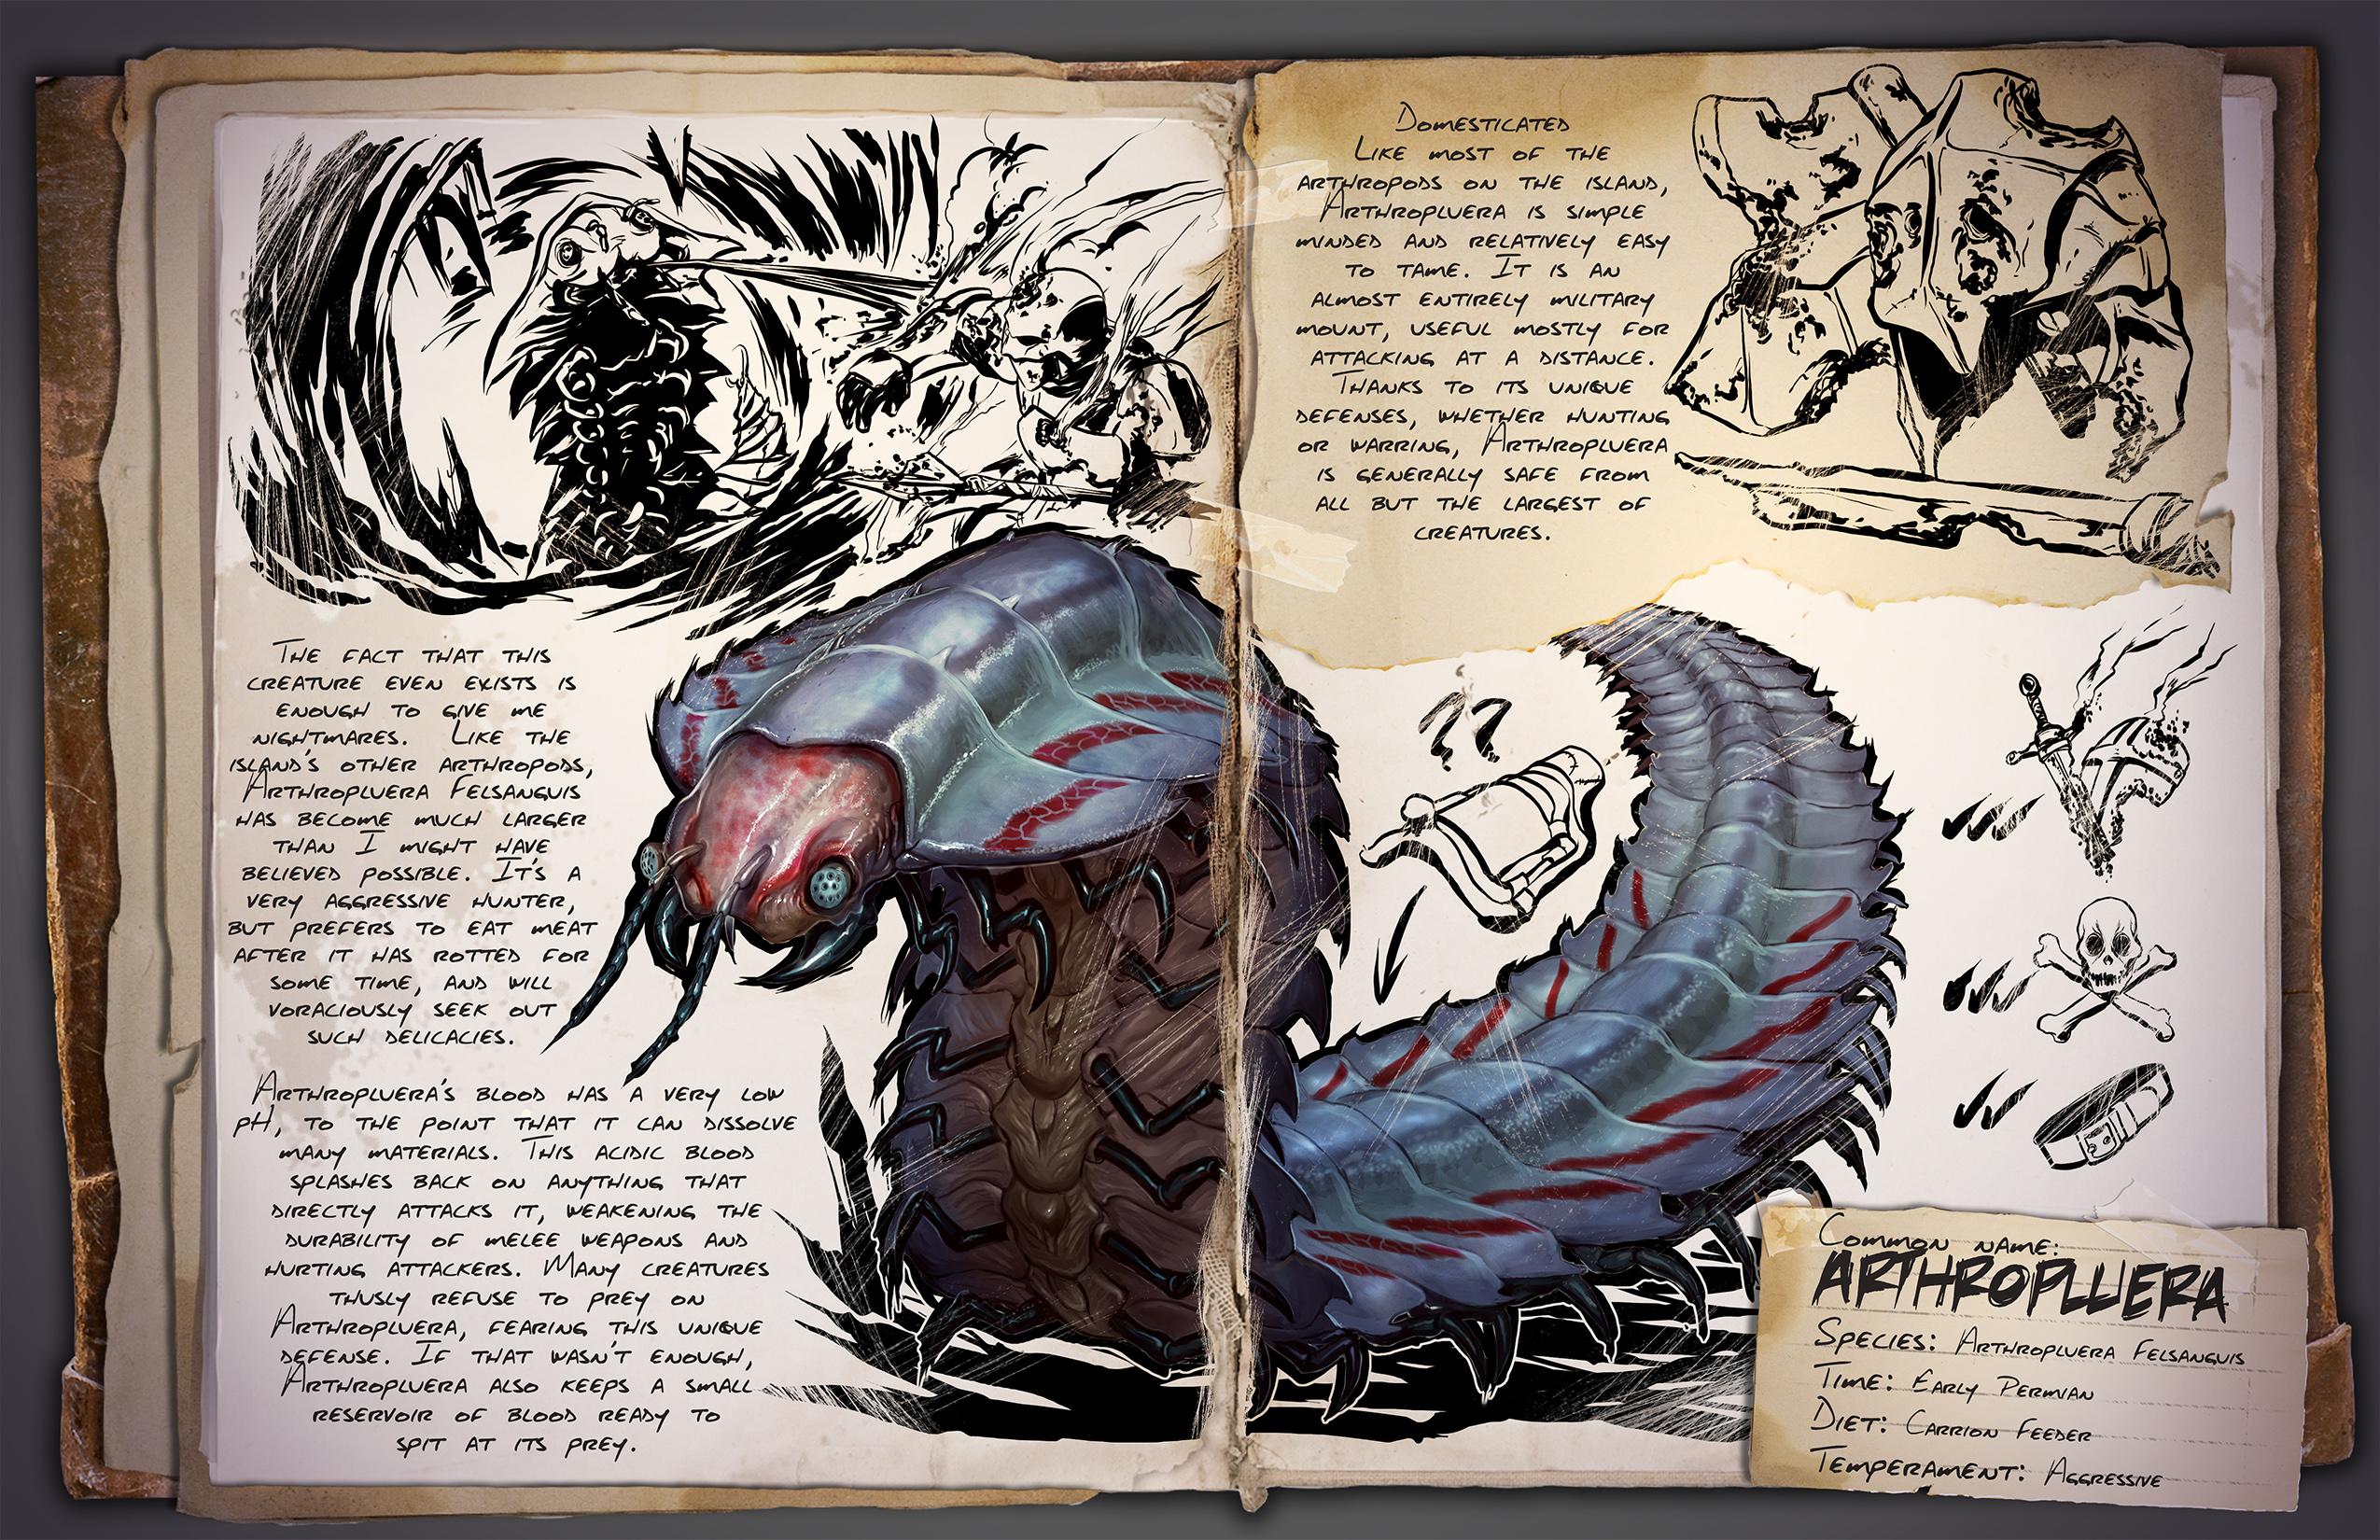 ARK: Survival Evolved - rozrůstající se fauna 11519